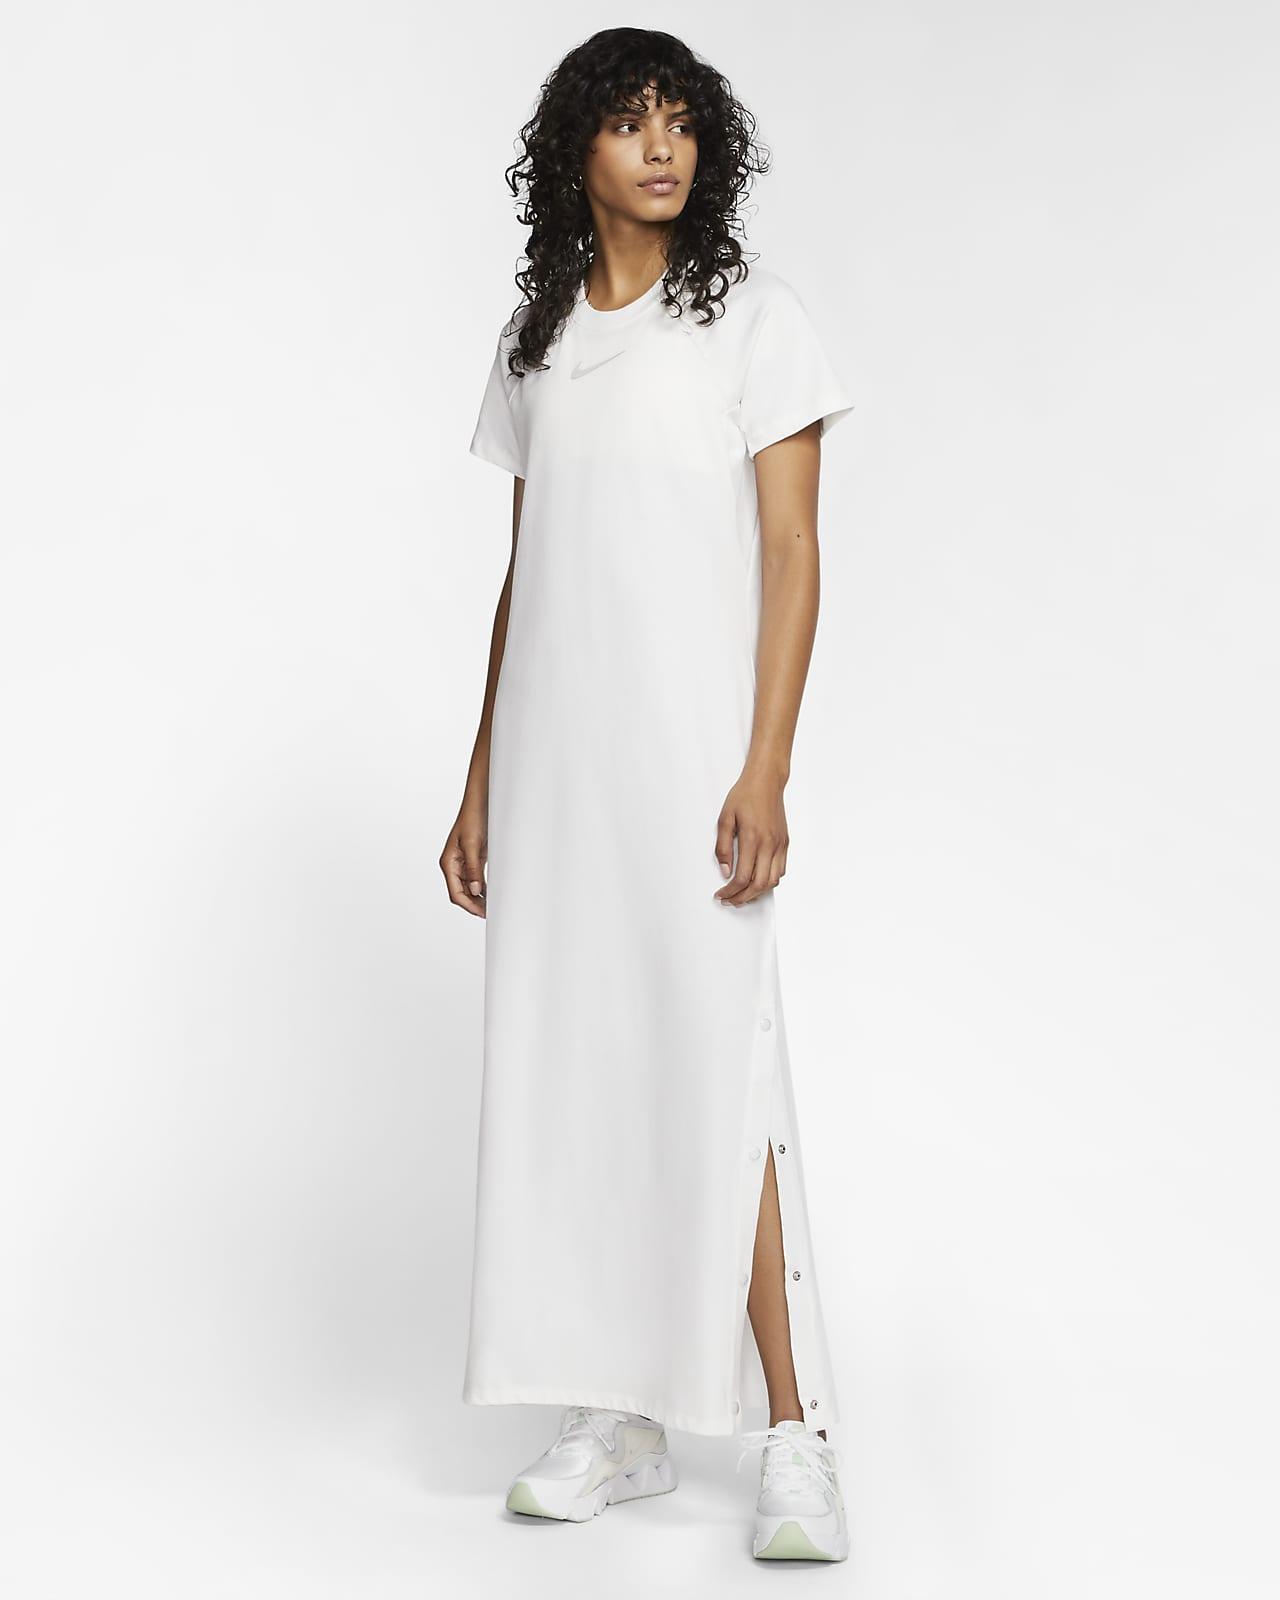 Nike Sportswear Women's Dress. Nike.com